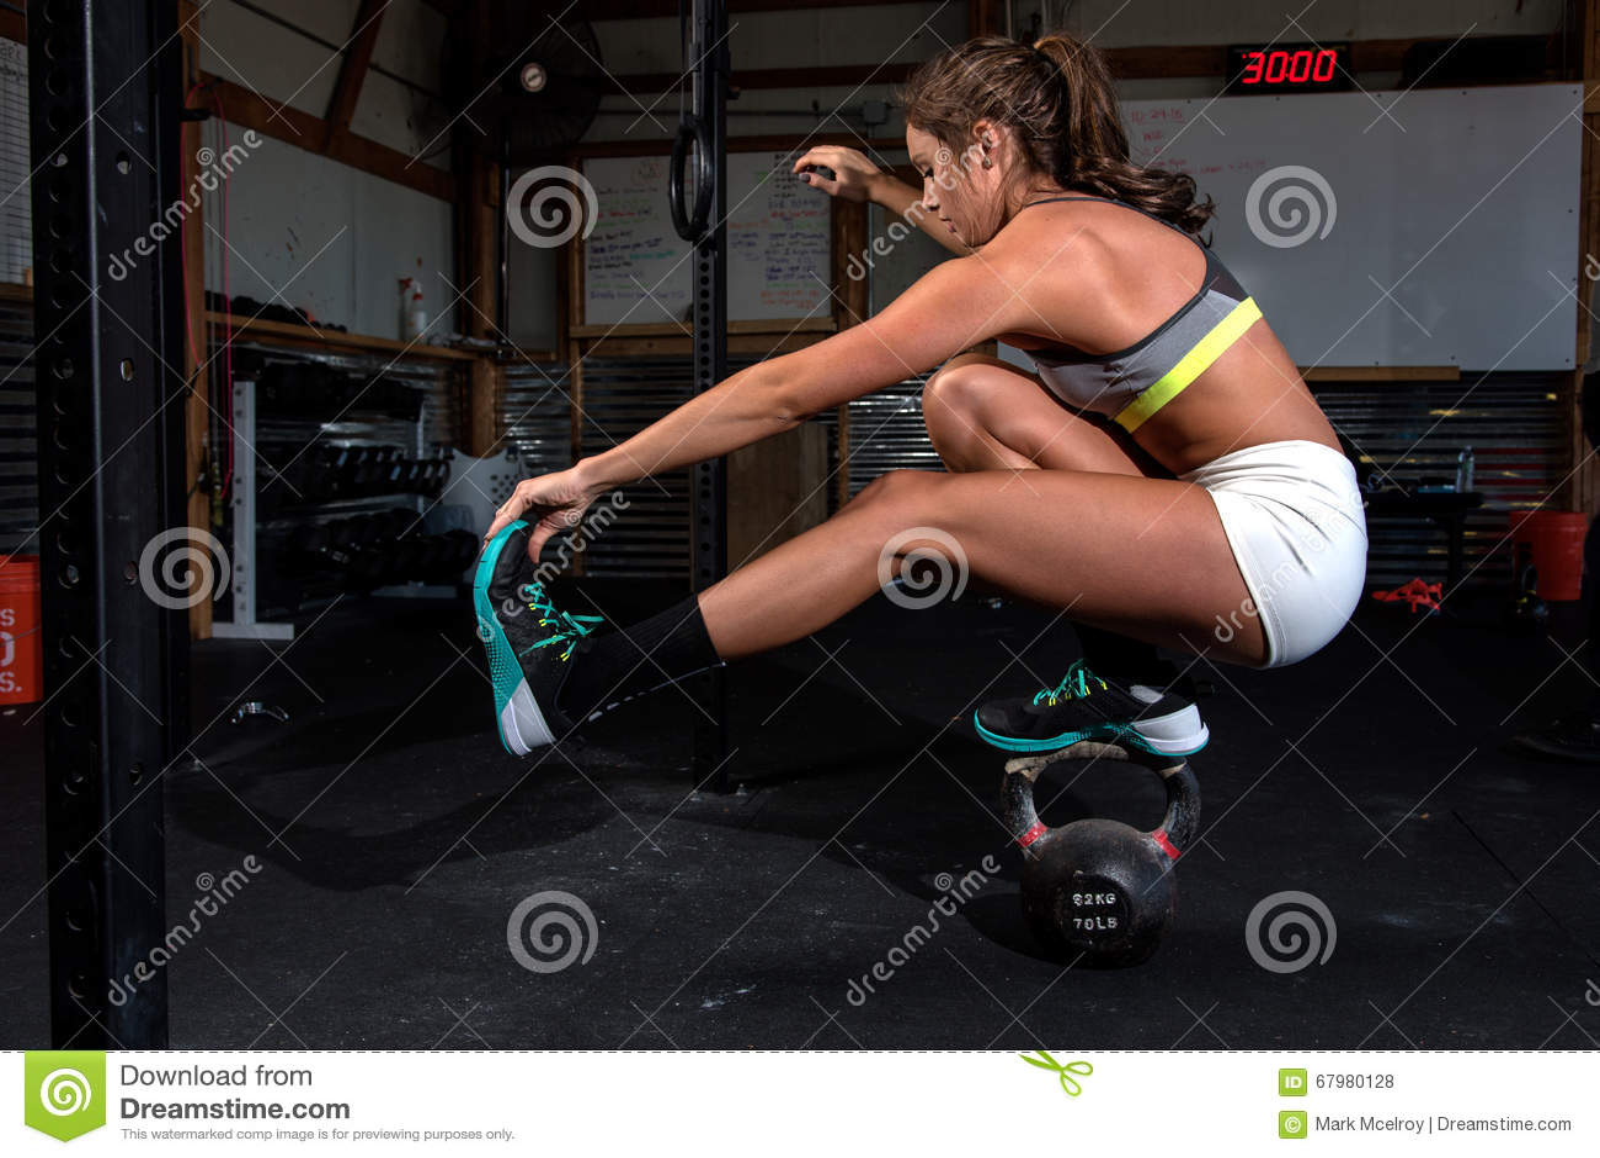 Colori l 39 immagine di una donna atletica in un risolvere - Immagine di lucertola a colori ...